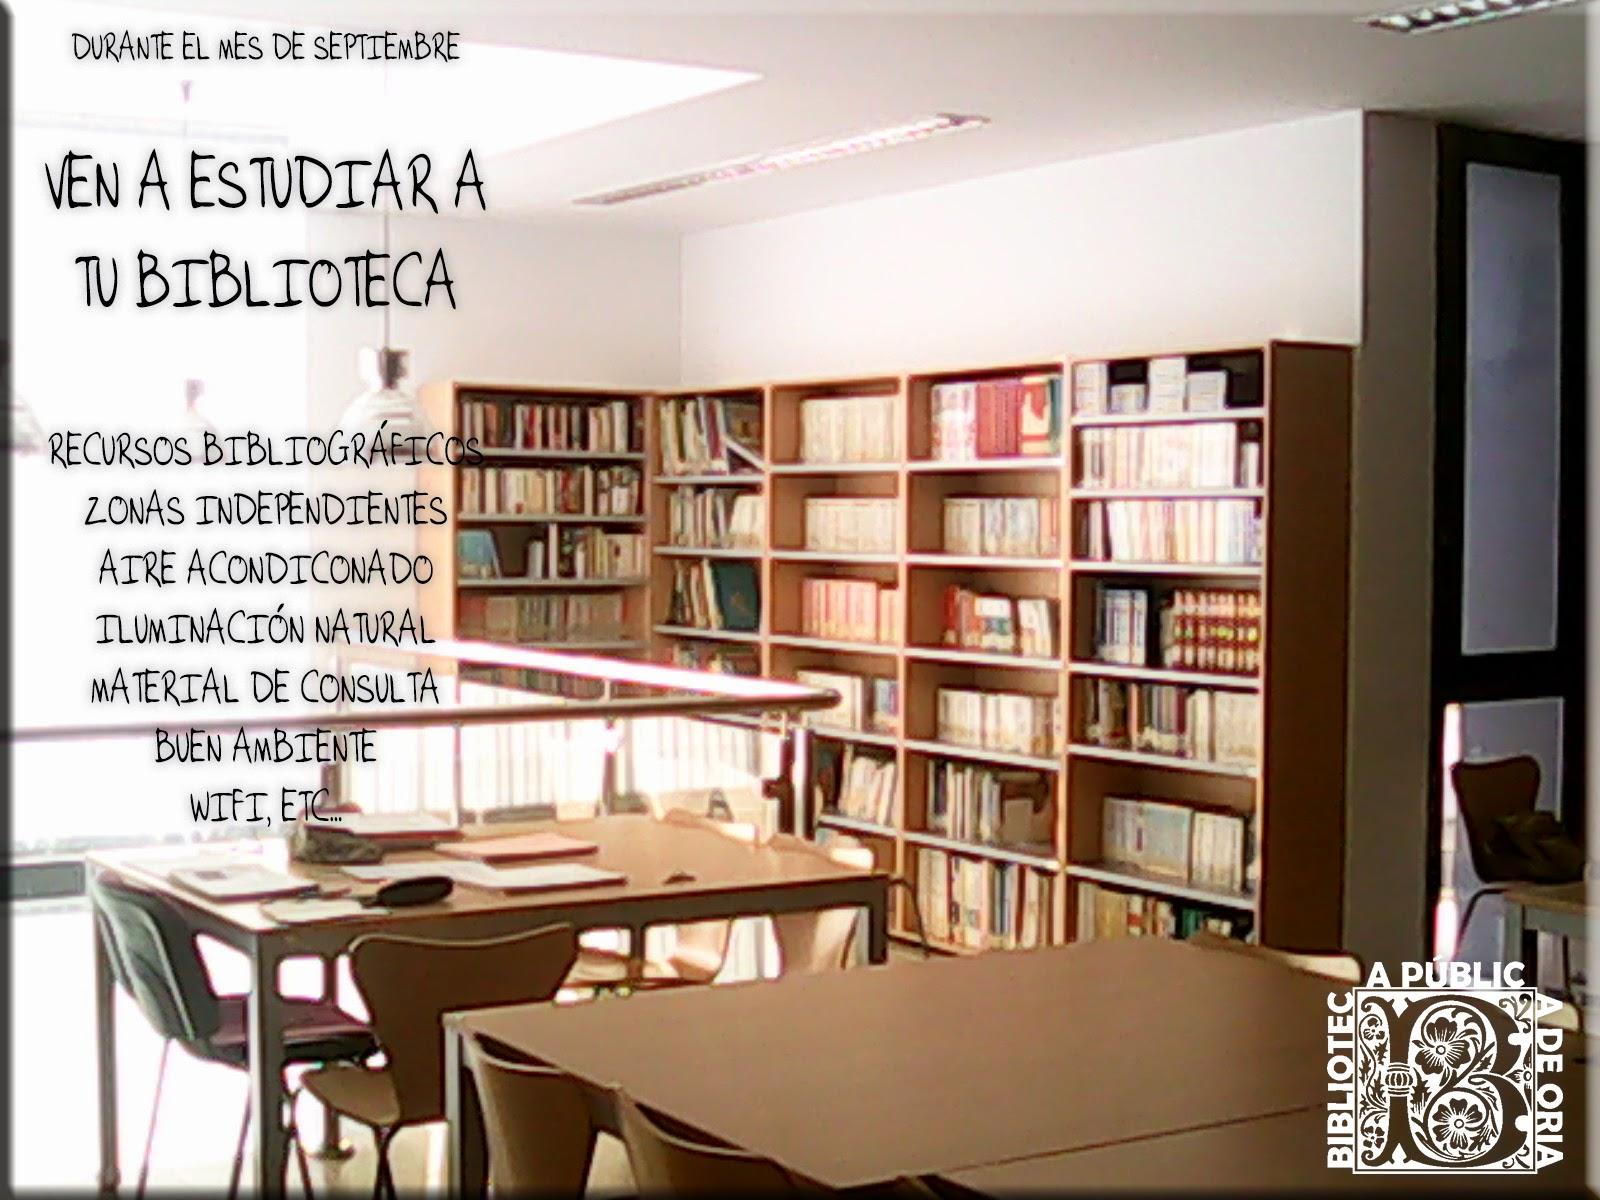 Ven a estudiar a la biblioteca